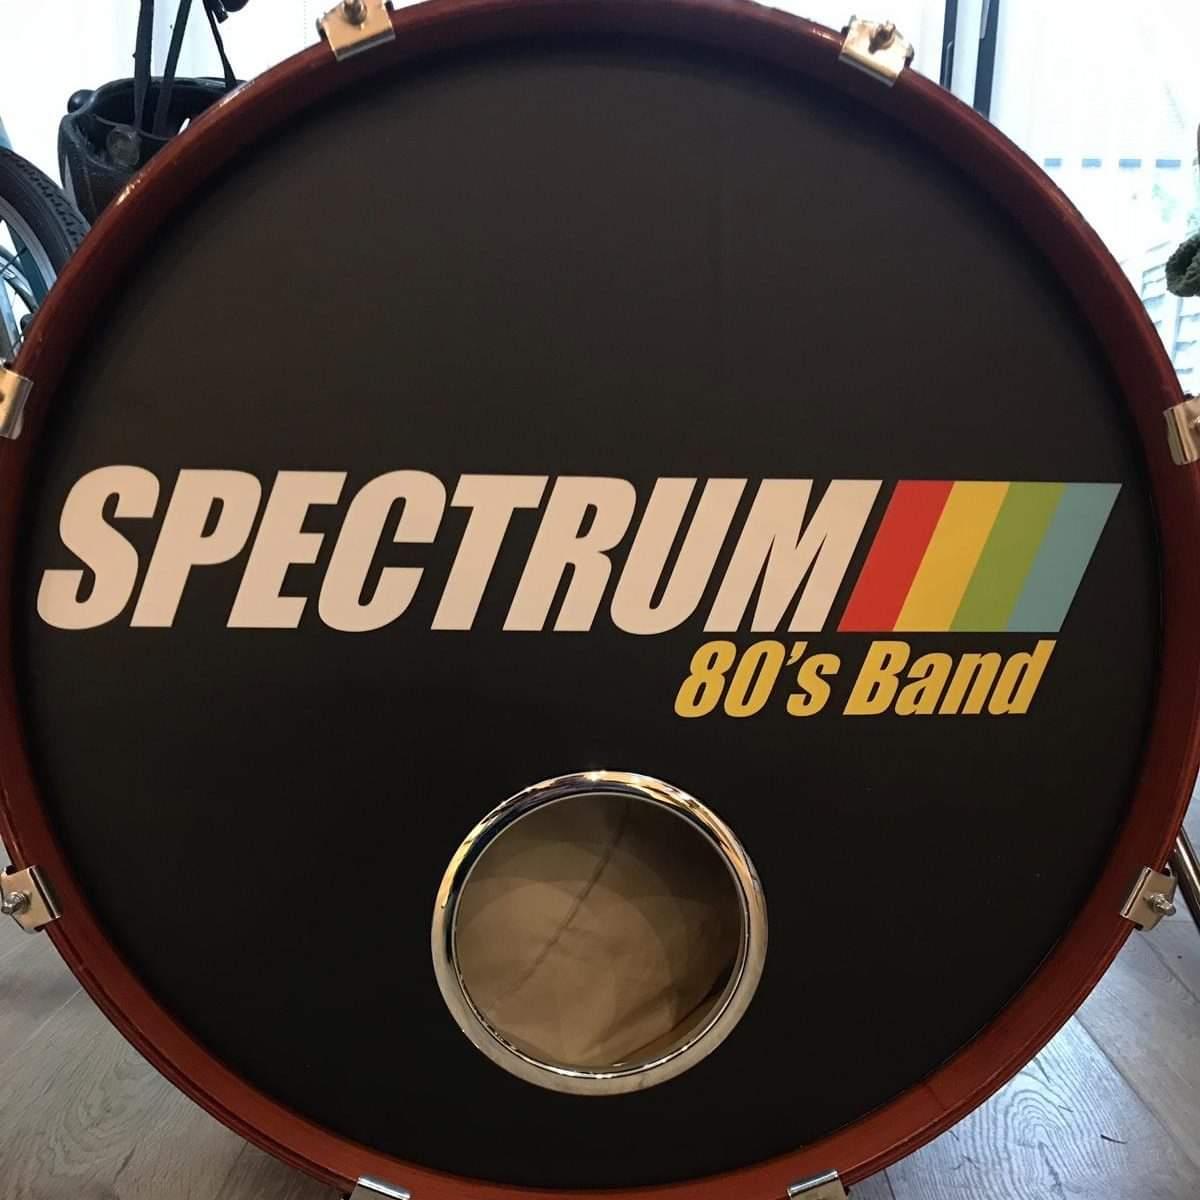 Spectrum 80's Band